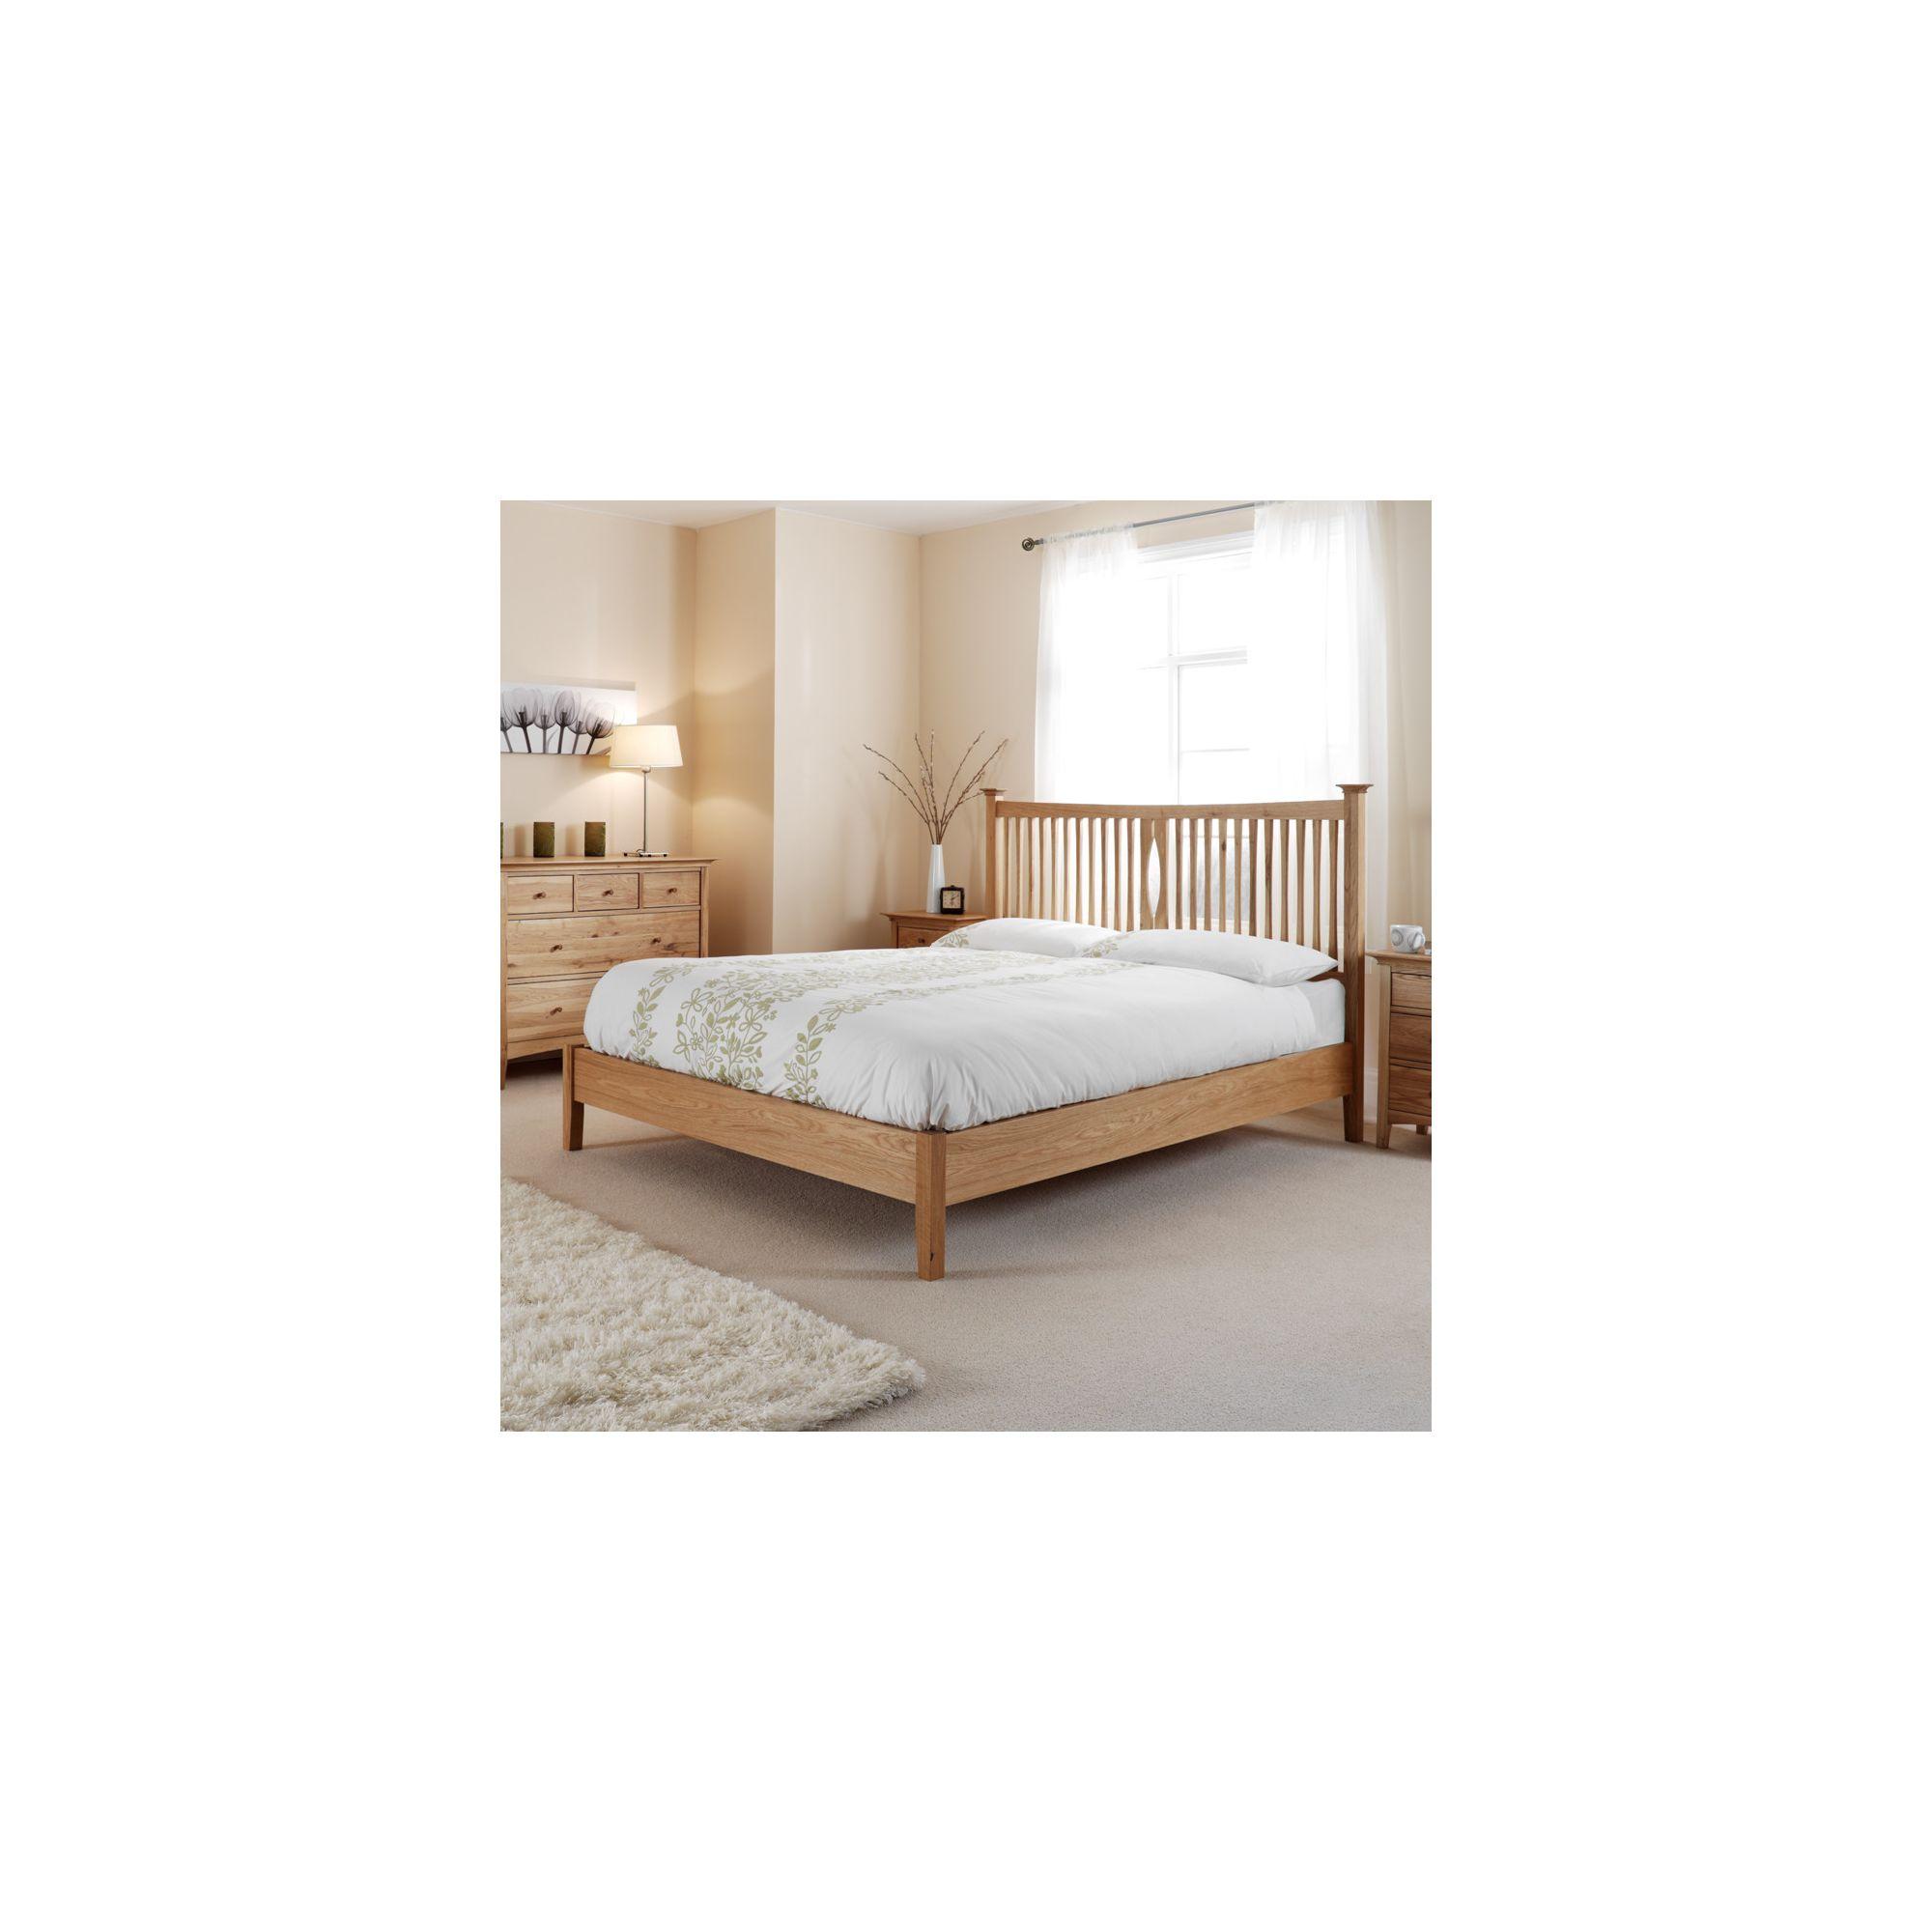 Originals Hudson Bedroom Low Foot End Bedstead - King at Tesco Direct